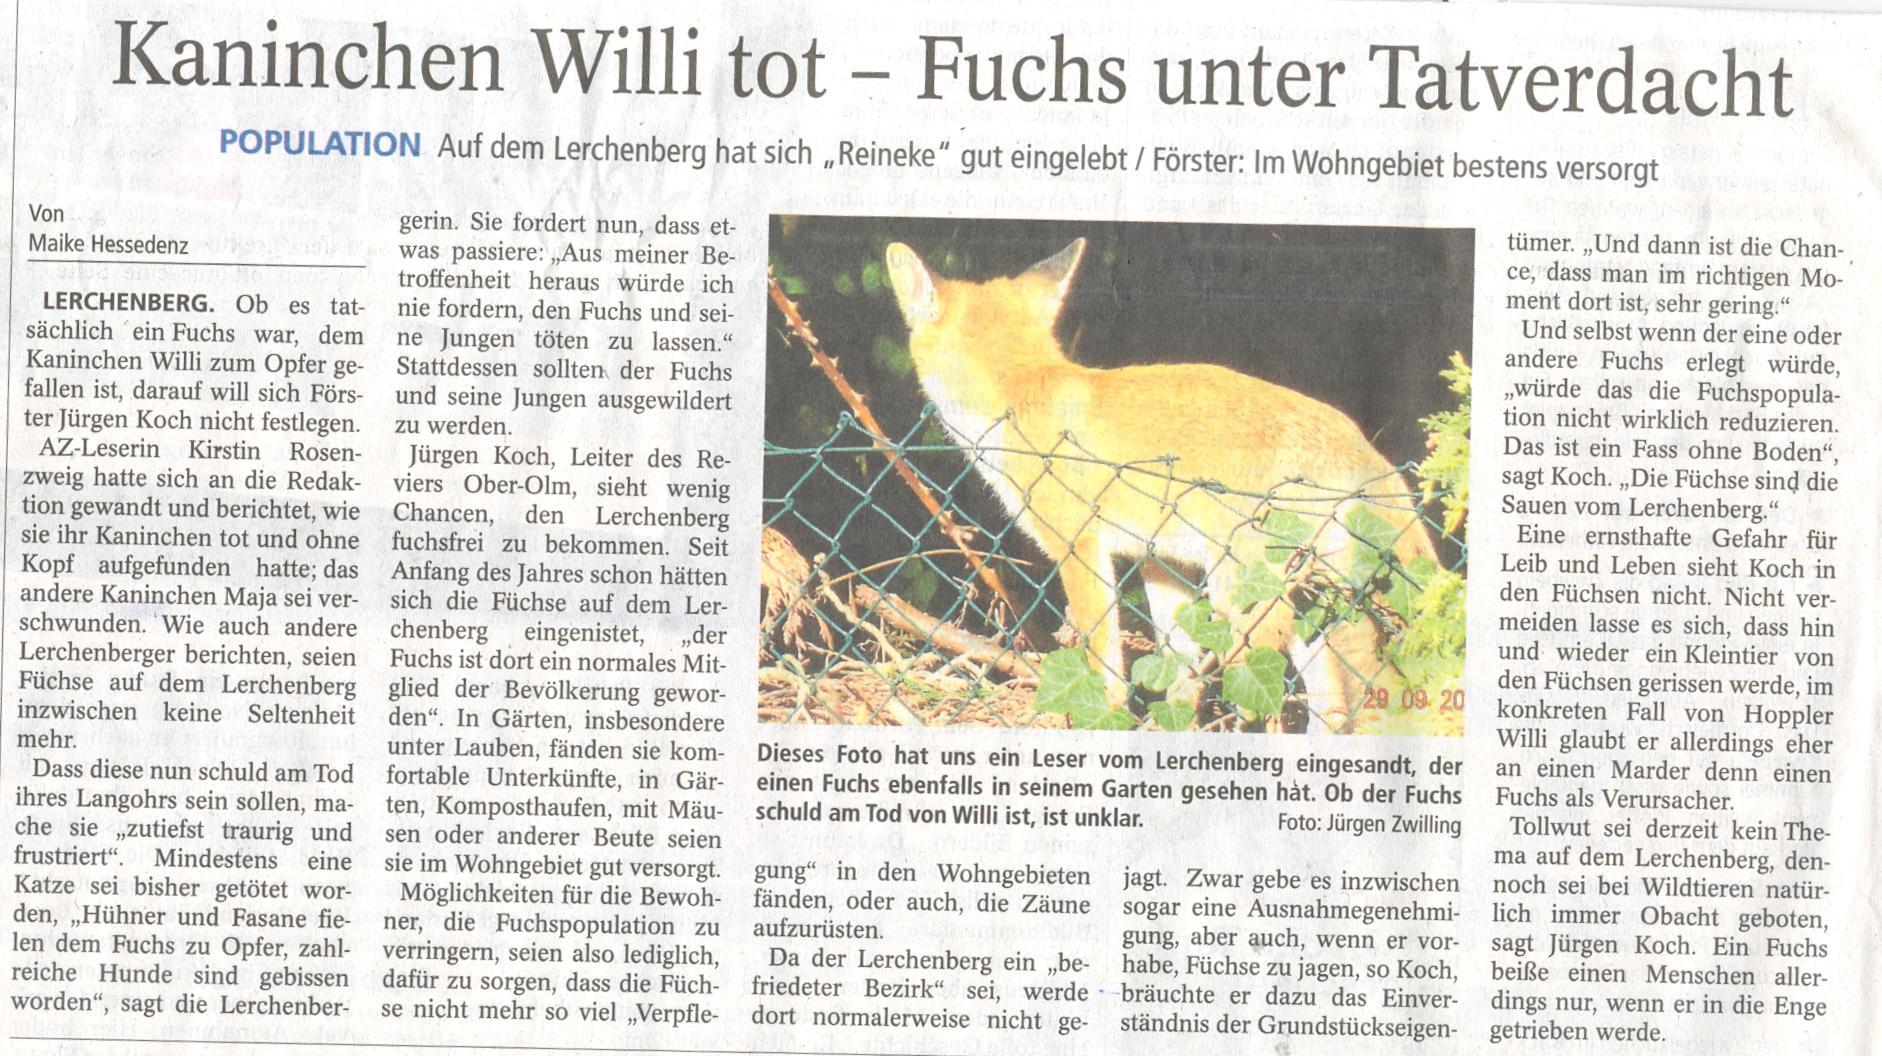 Allgemeine Zeitung Mainzer 12.10.2012